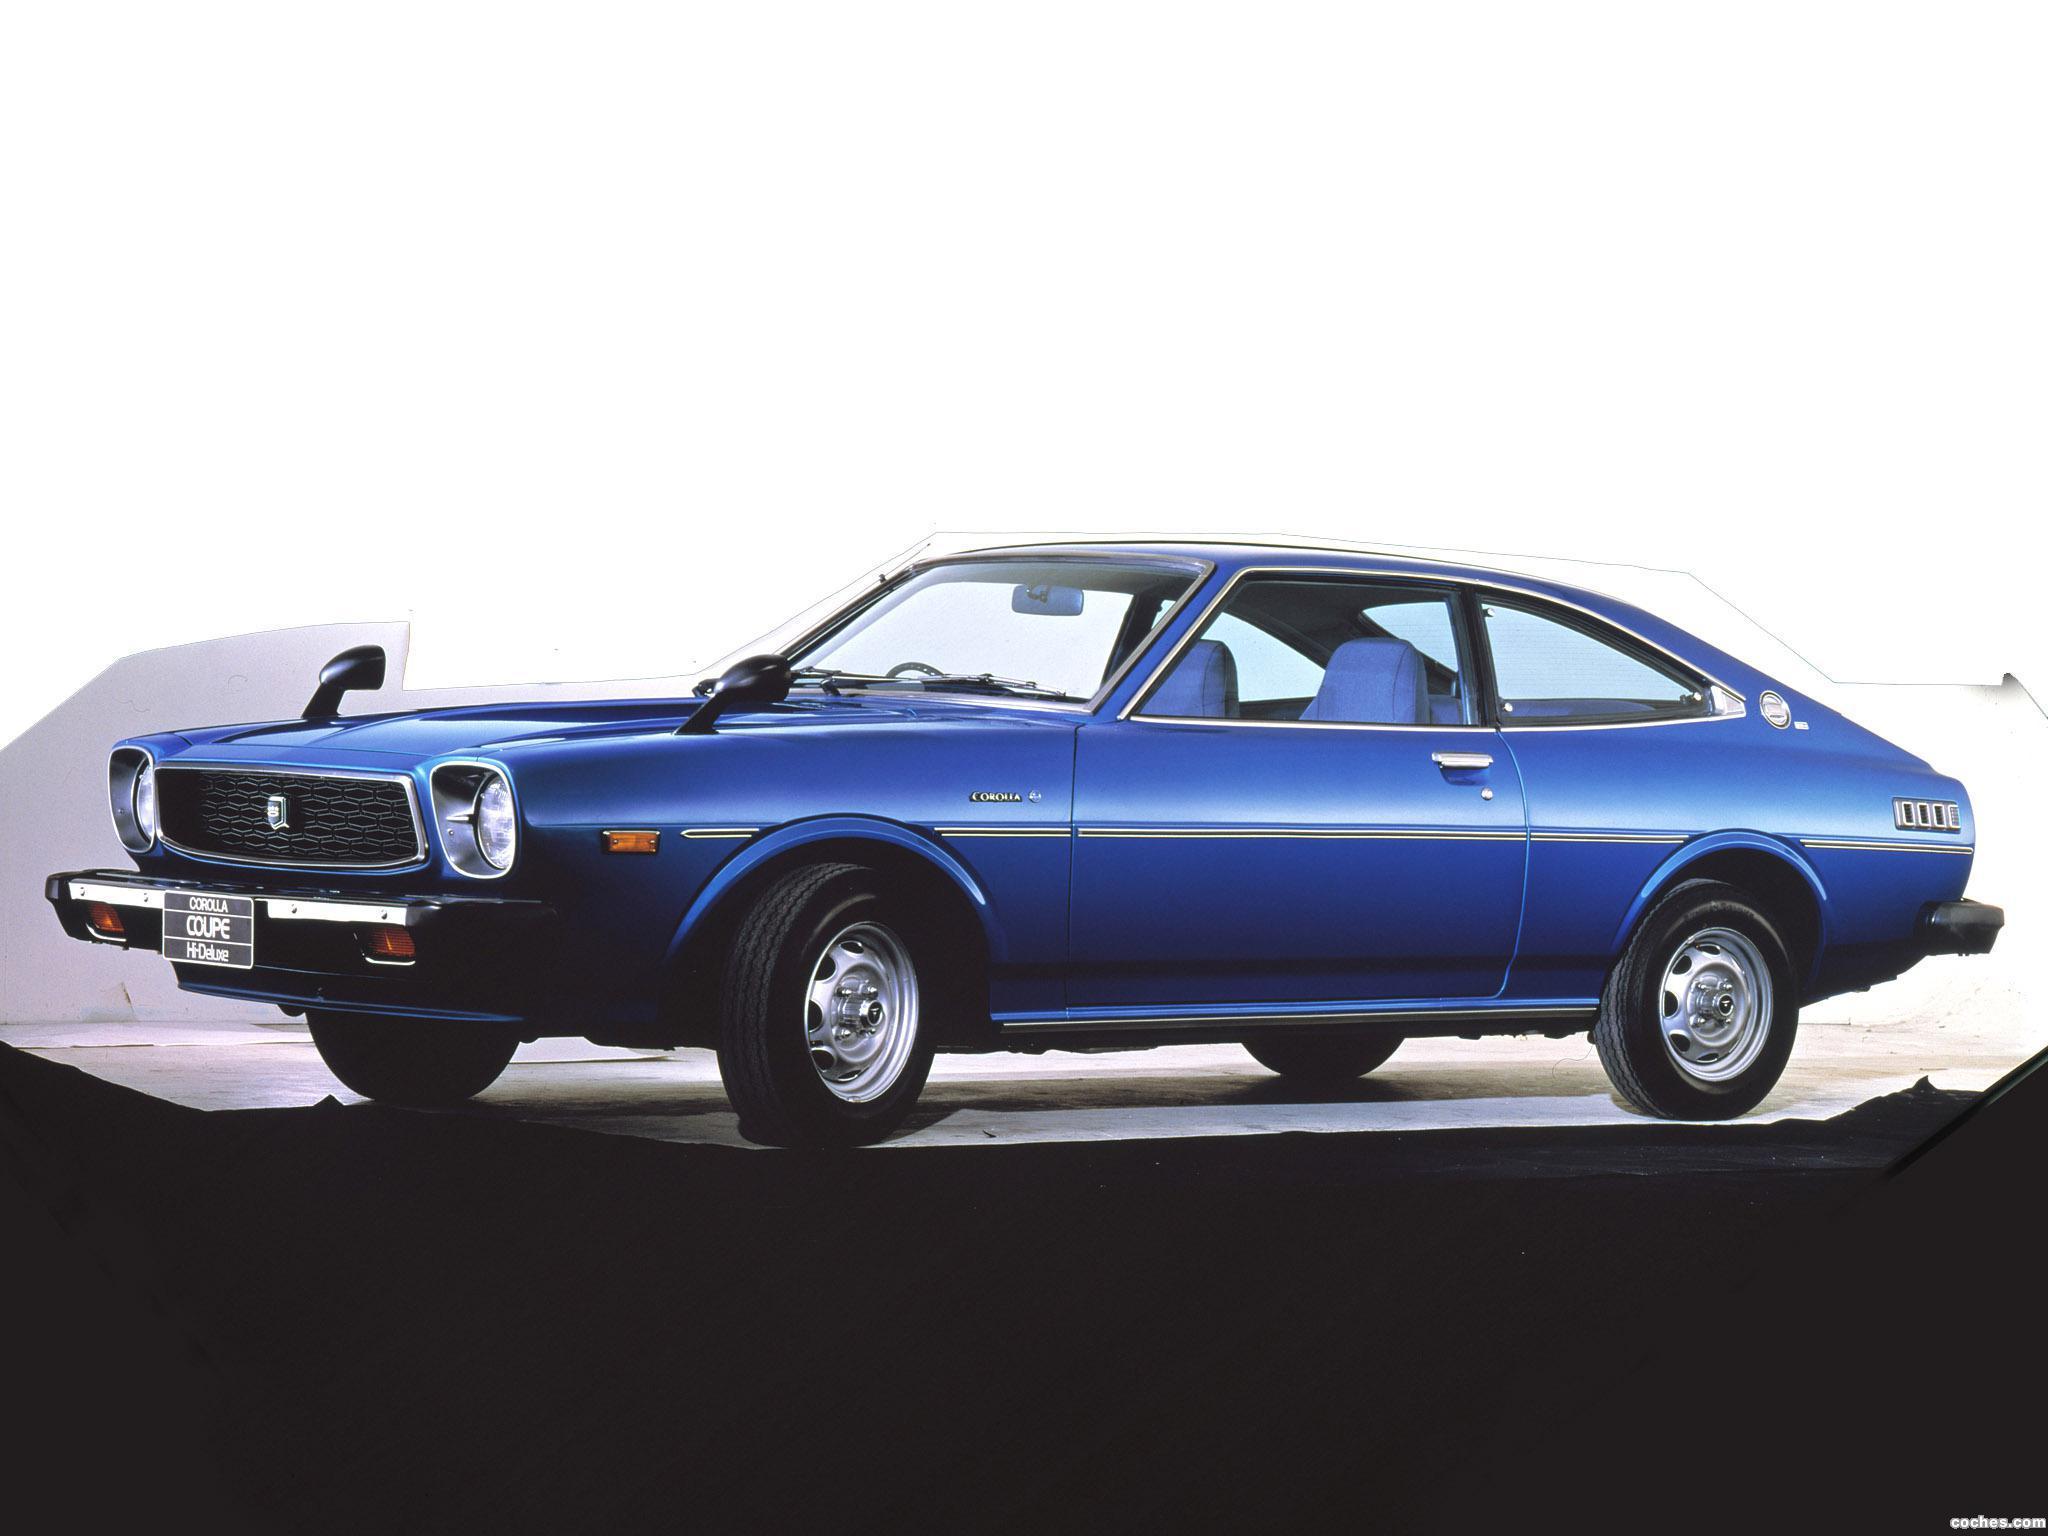 Foto 0 de Toyota Corolla Coupe 1974